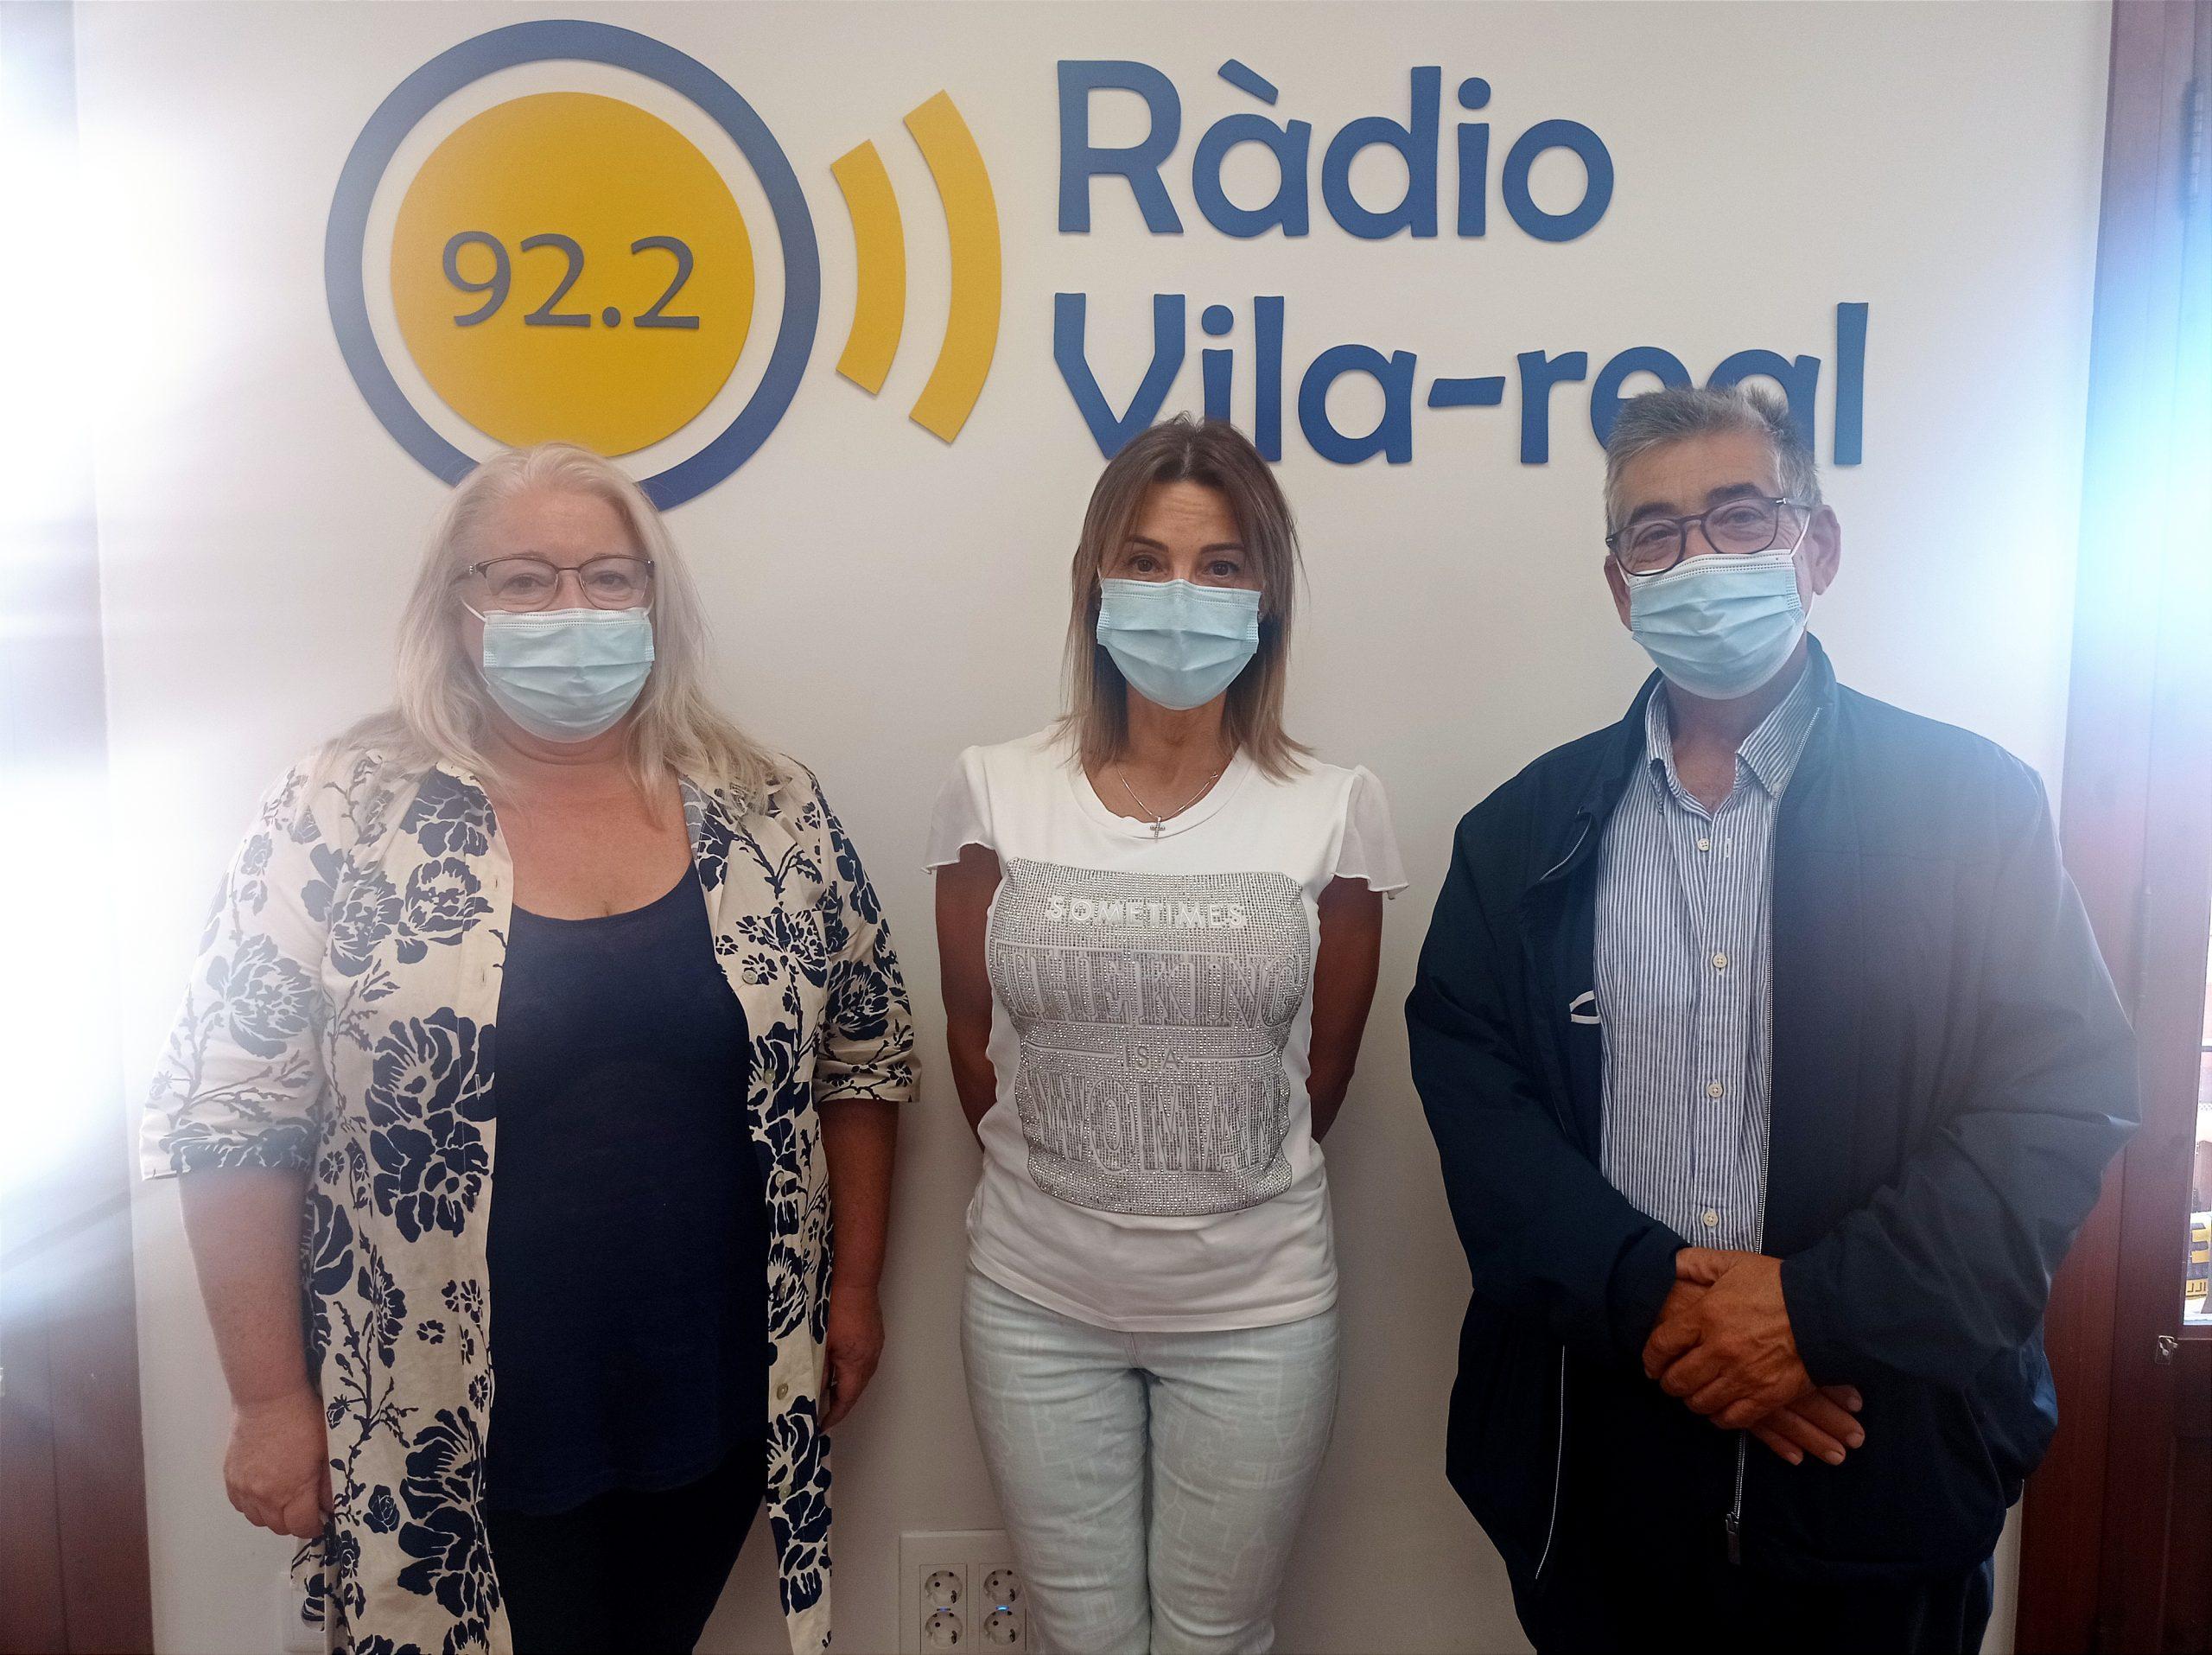 Entrevista a la alcaldesa de Oropesa, Araceli de Moya, y el Director de la Cátedra de Innovación, Juan Carda